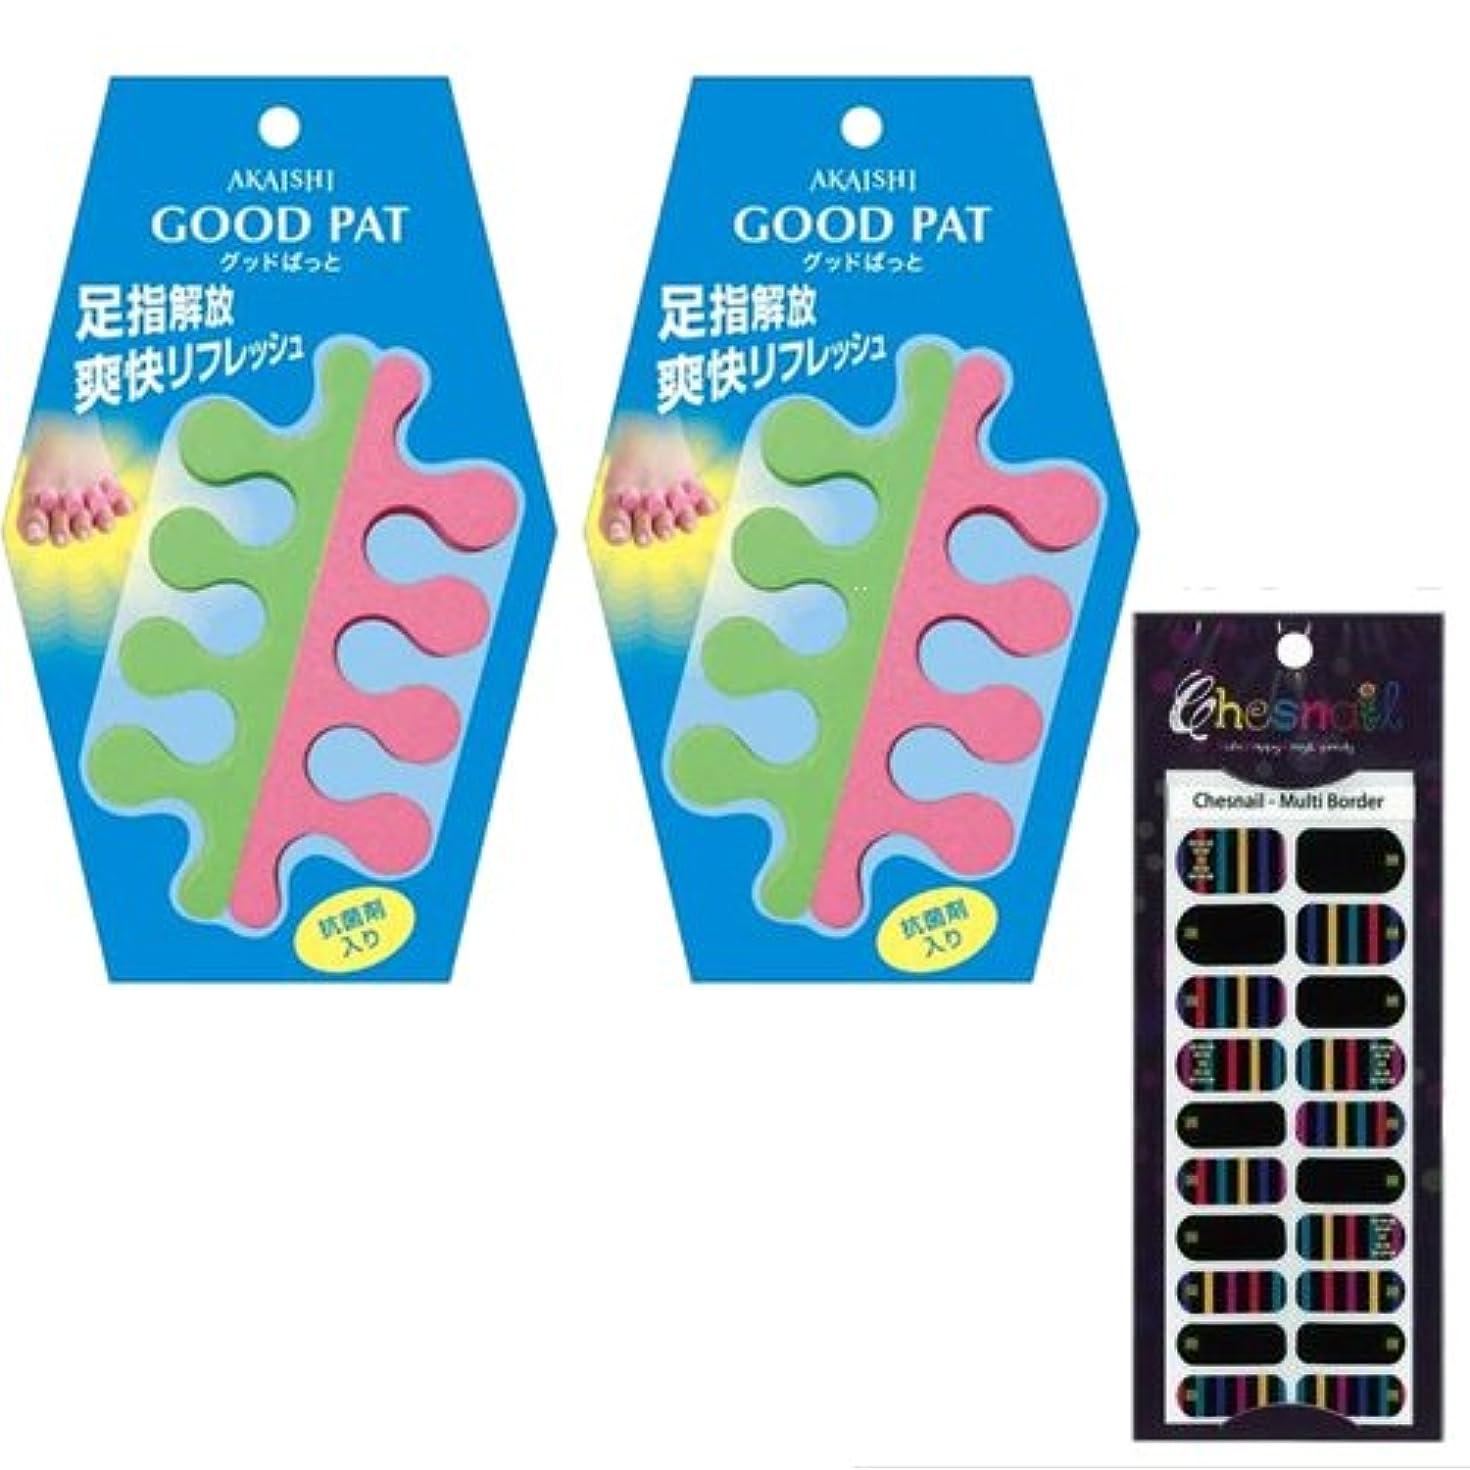 AKAISHI グットぱっと(GOOD PAT) x2個セット + チェスネイル(マルチボーダー)